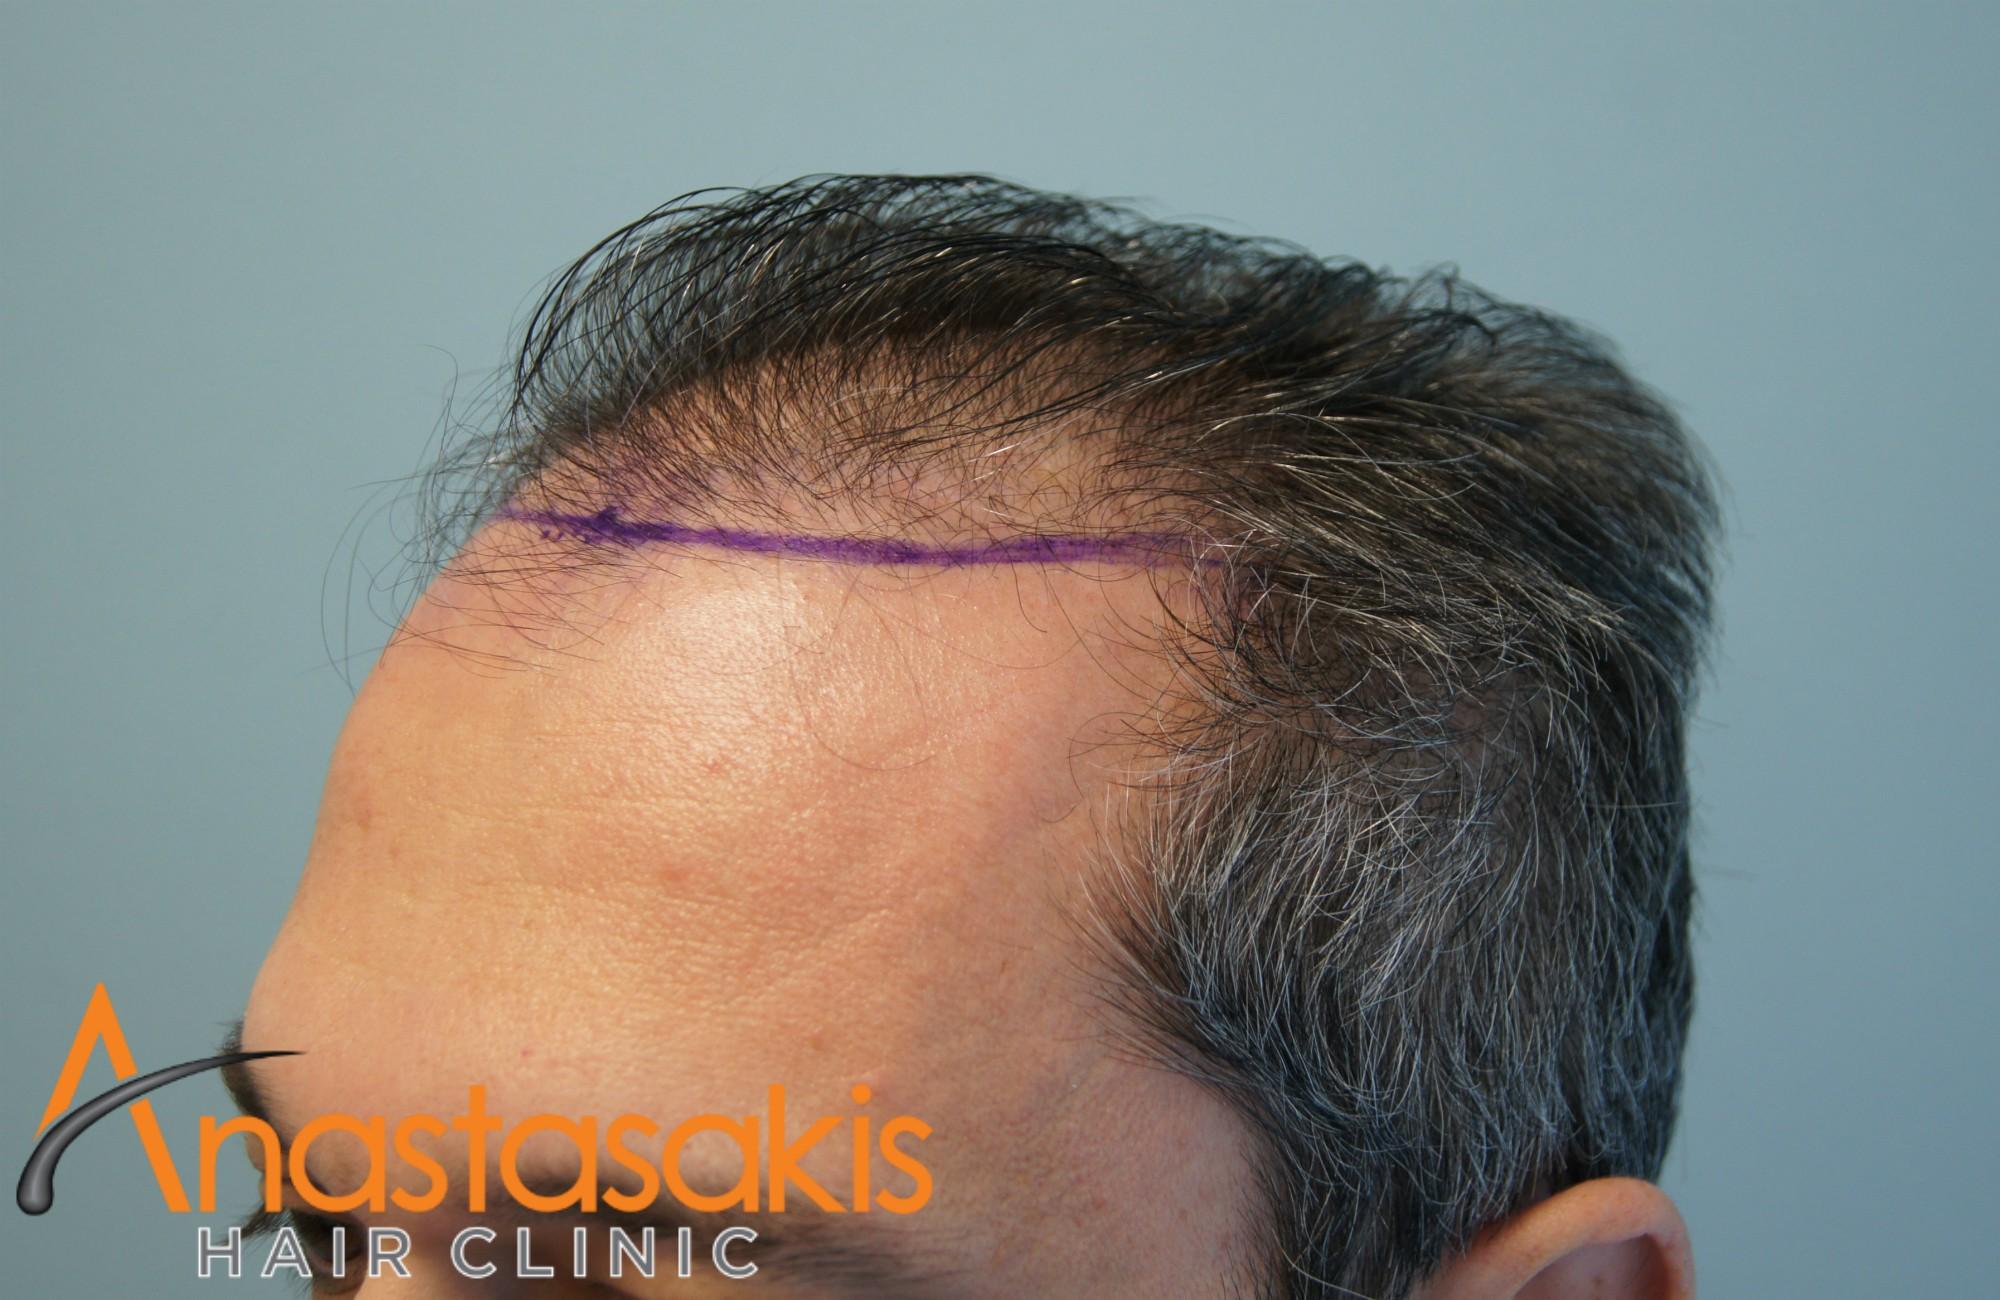 άνδρας πριν την μεταμόσχευση fut με 2700fus δεξί προφίλ 2